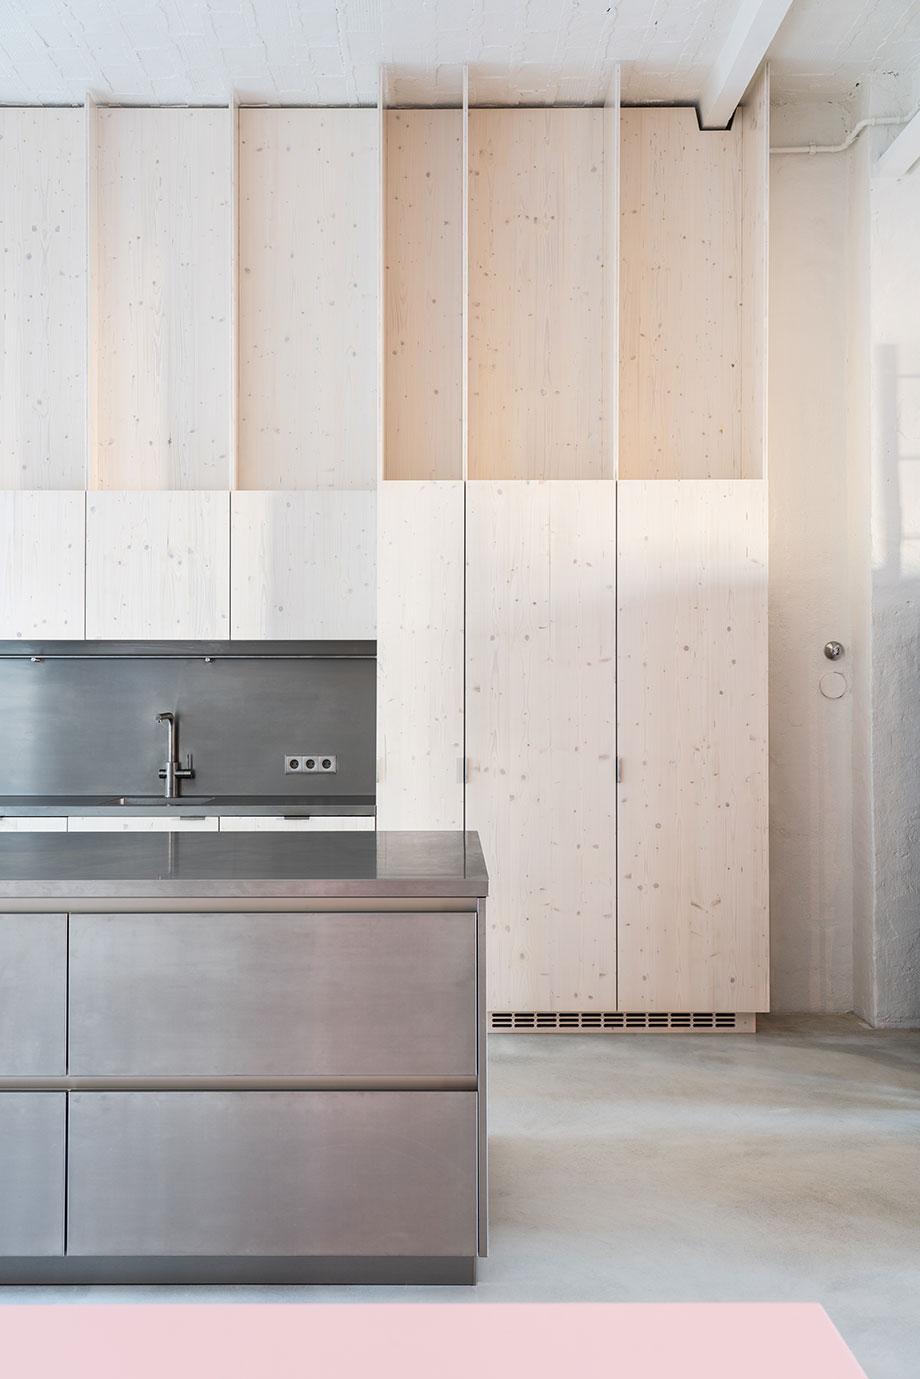 loft sch52 de batek architekten (4) - foto marcus wend